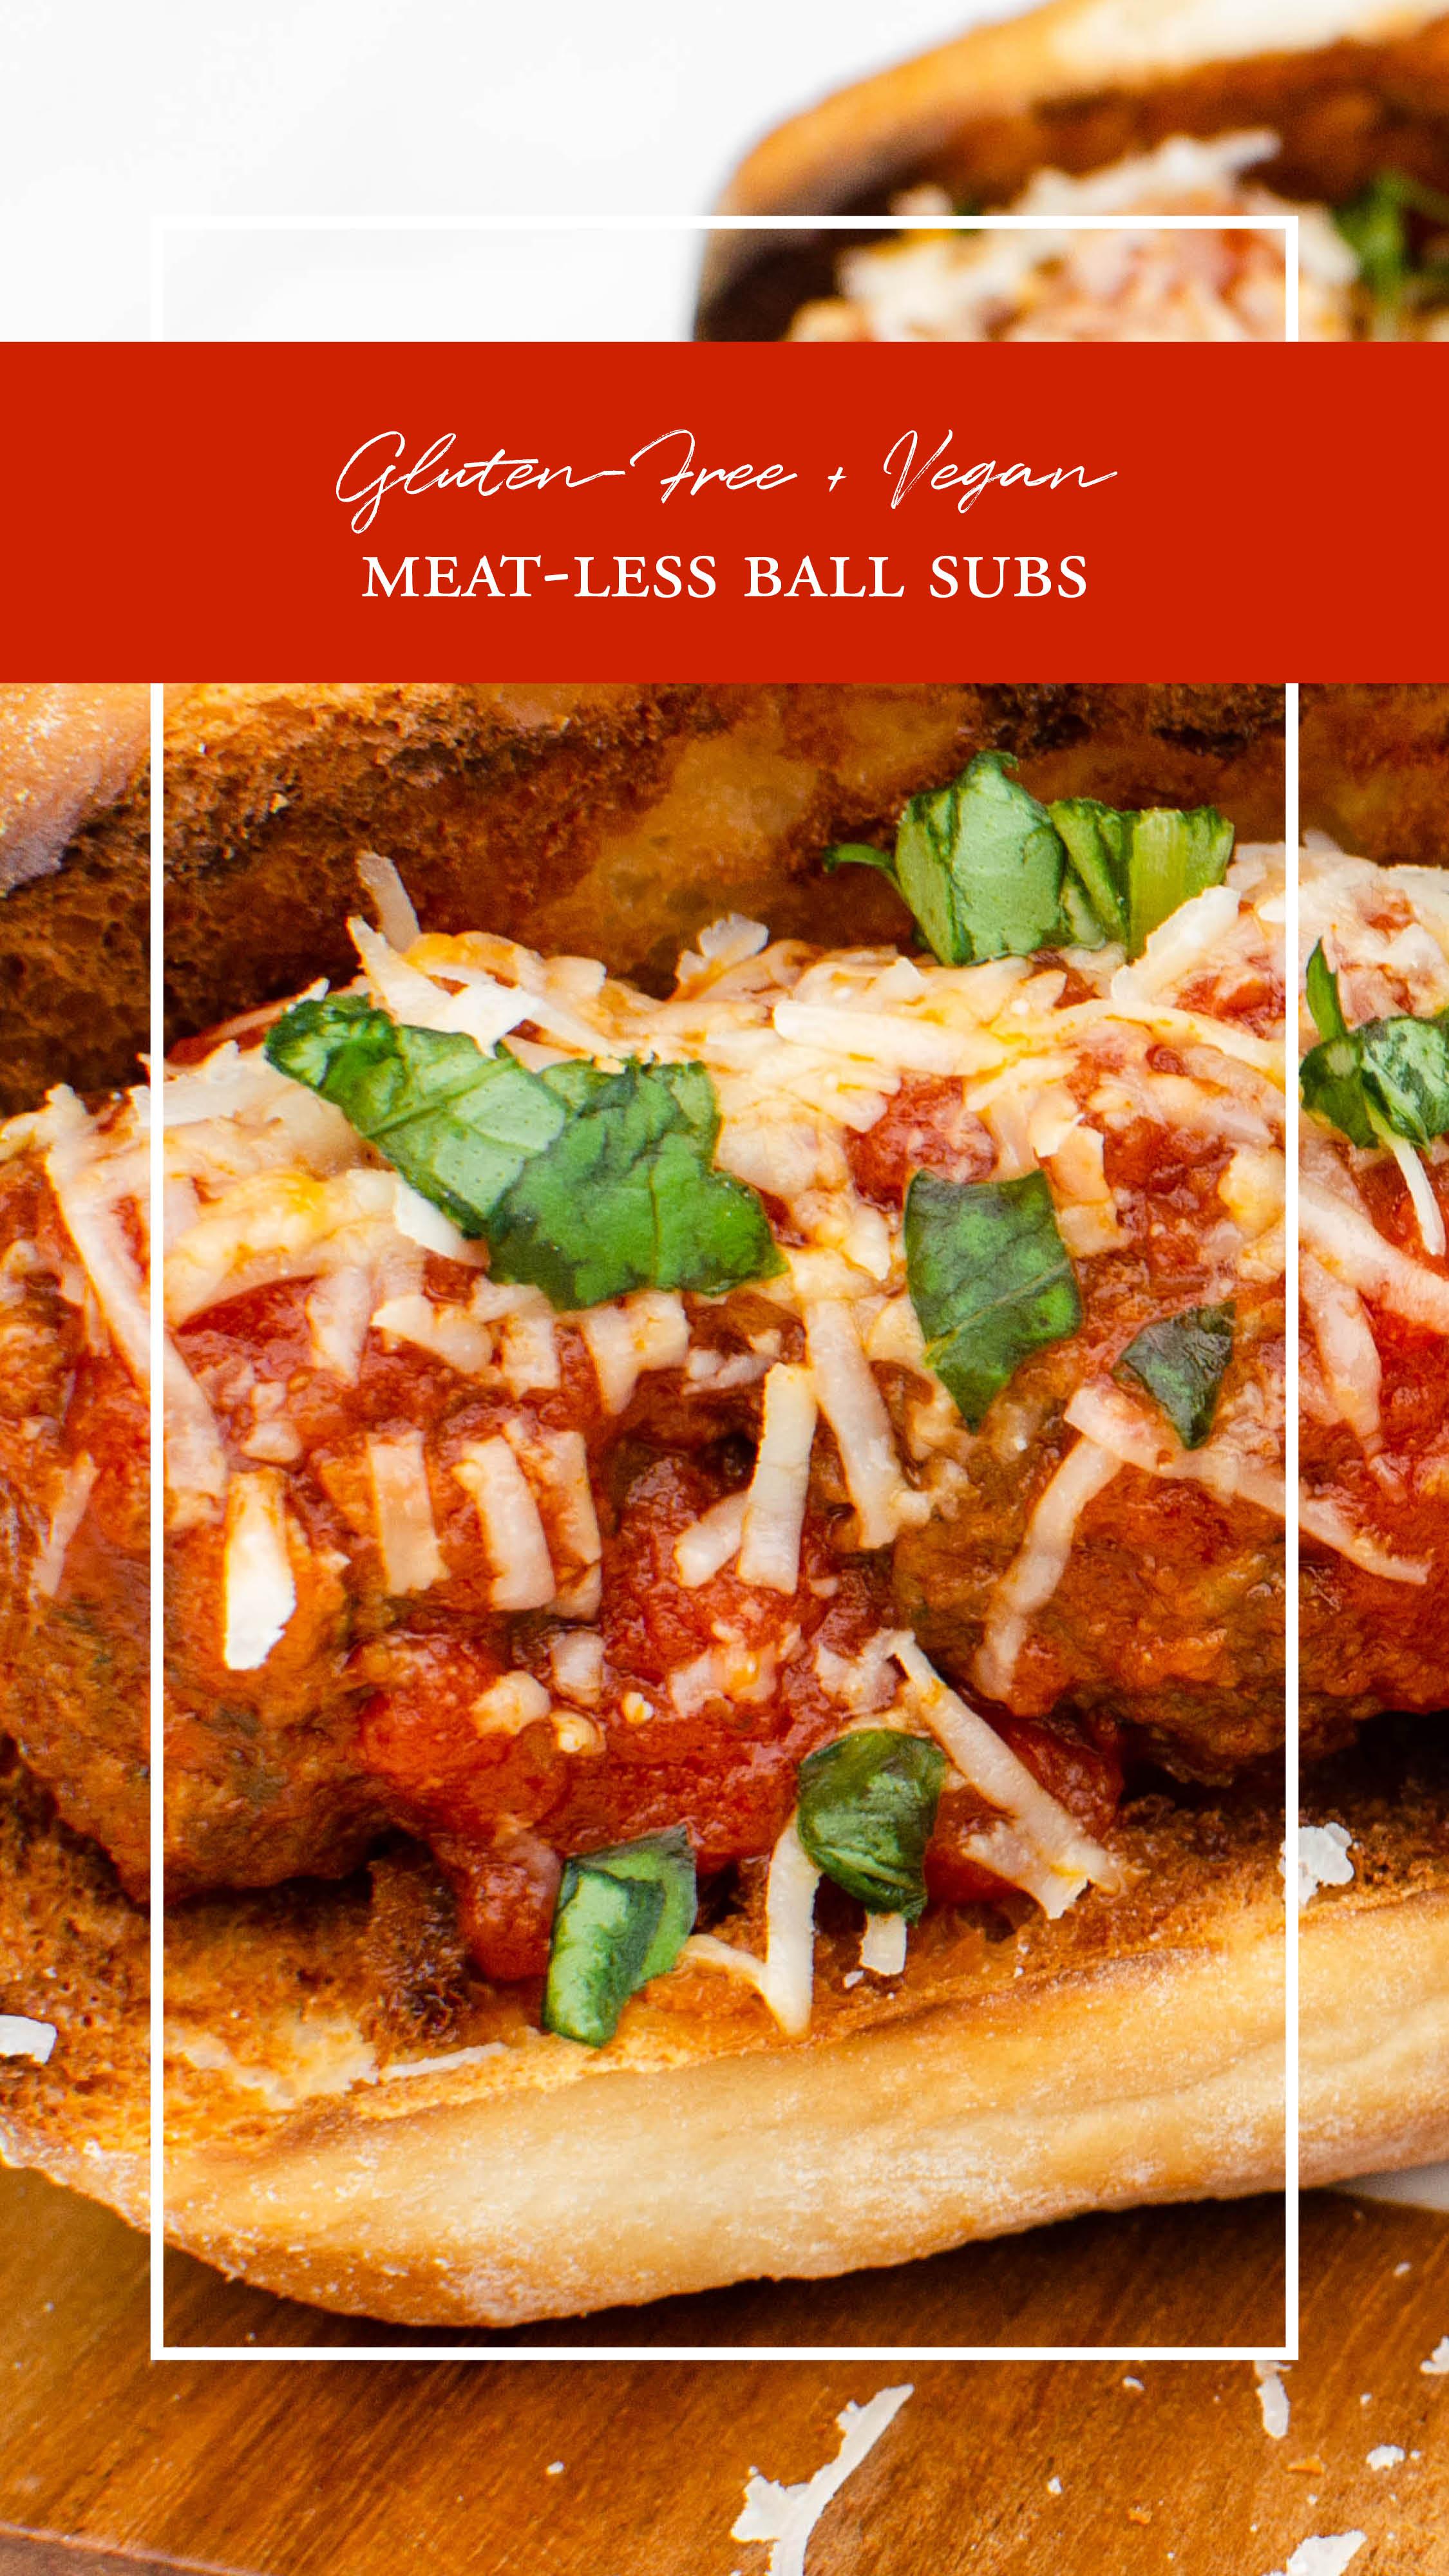 Gluten-Free Vegan Meat-Less Ball Subs_Studioist4.jpg